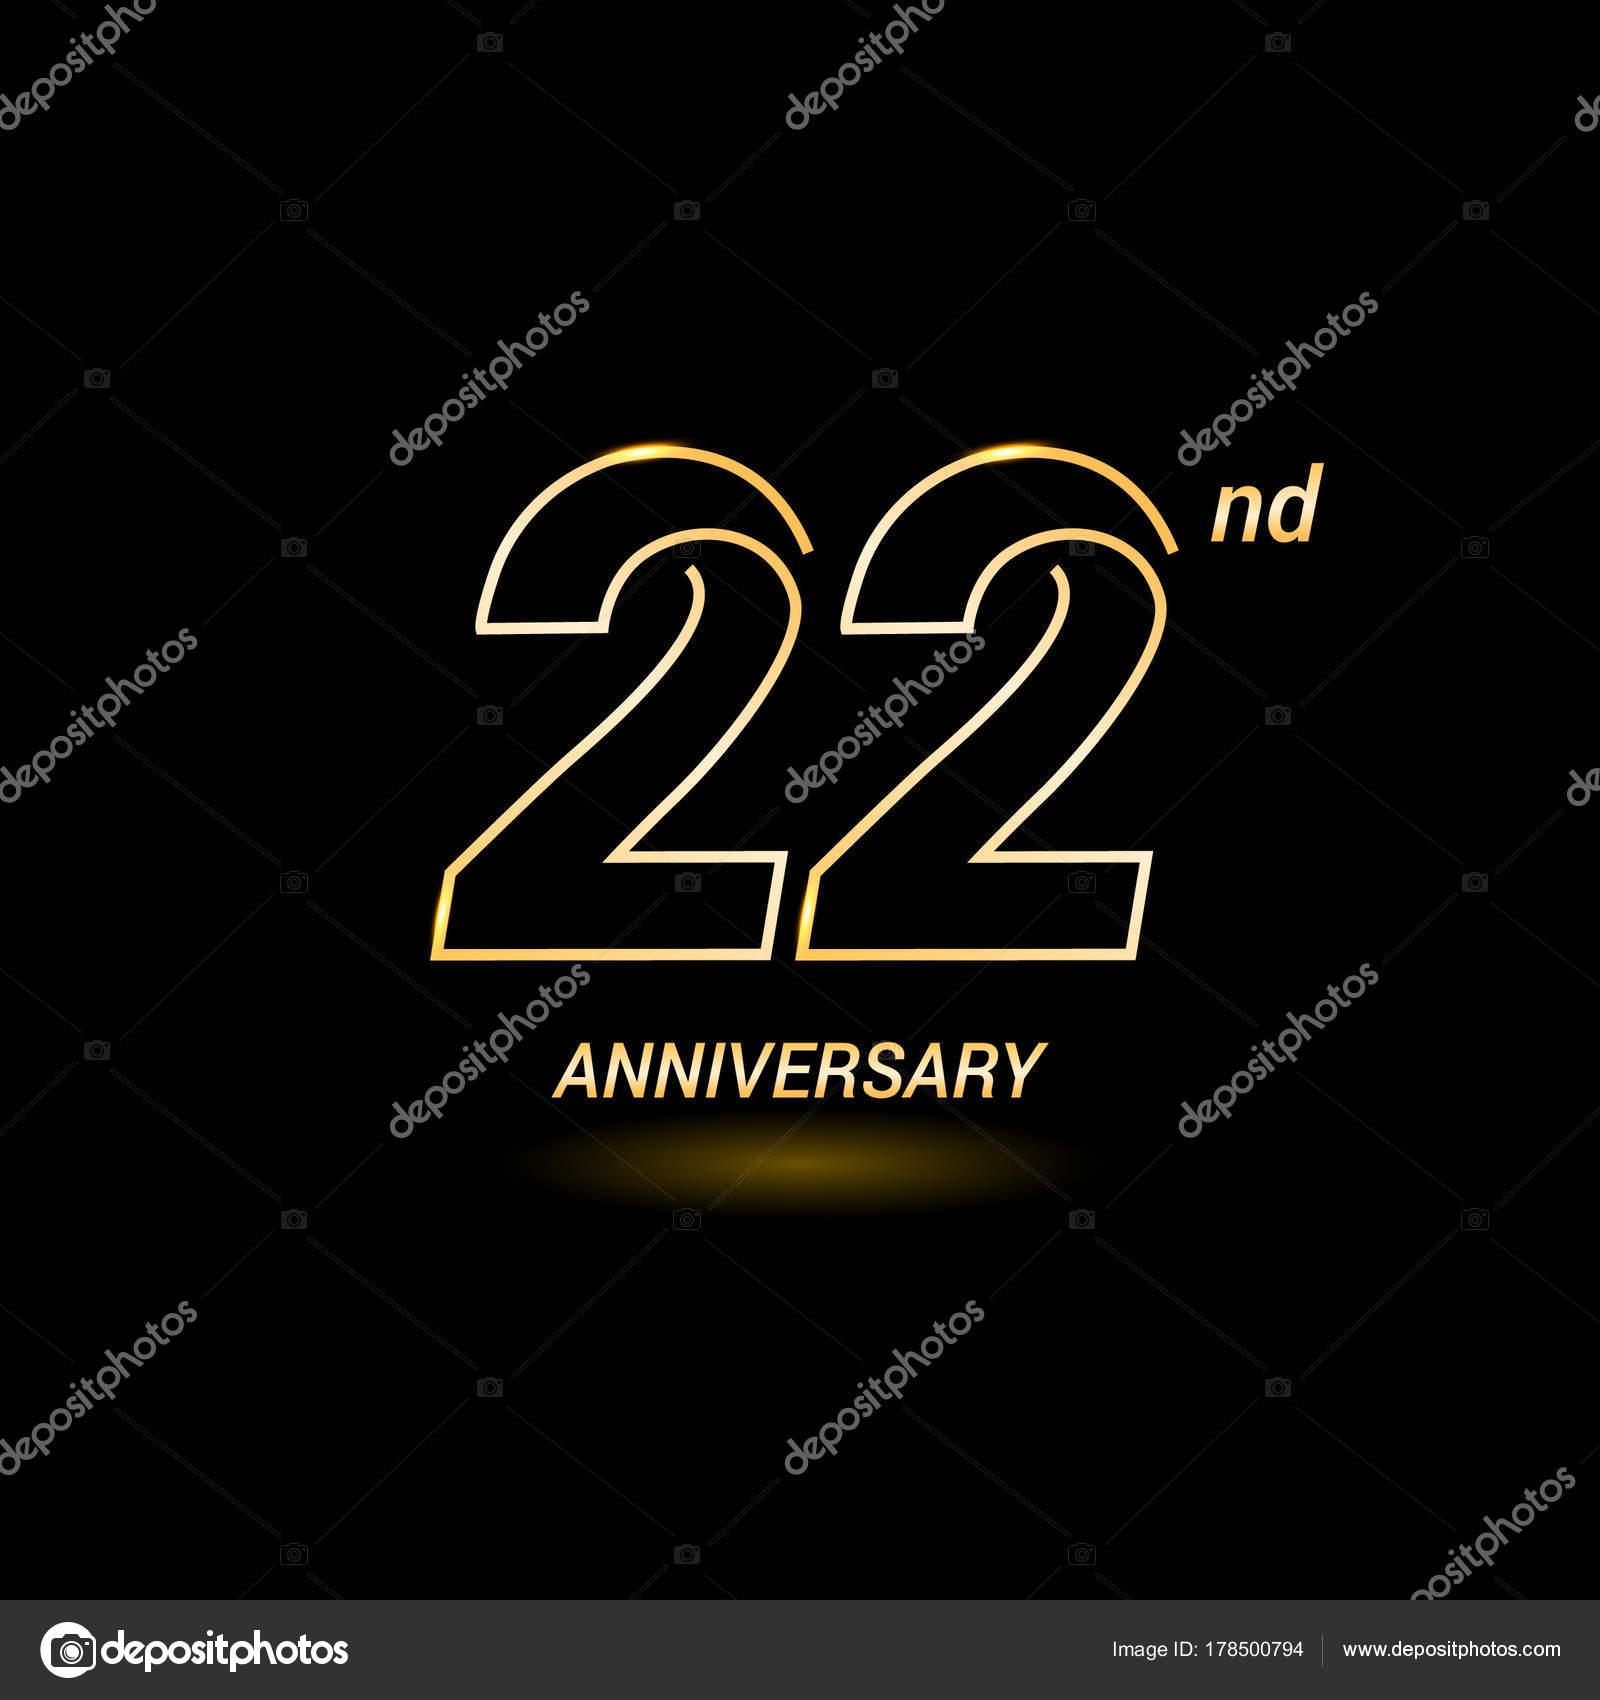 22 years anniversary logo stock vector seklihermantaputra gmail